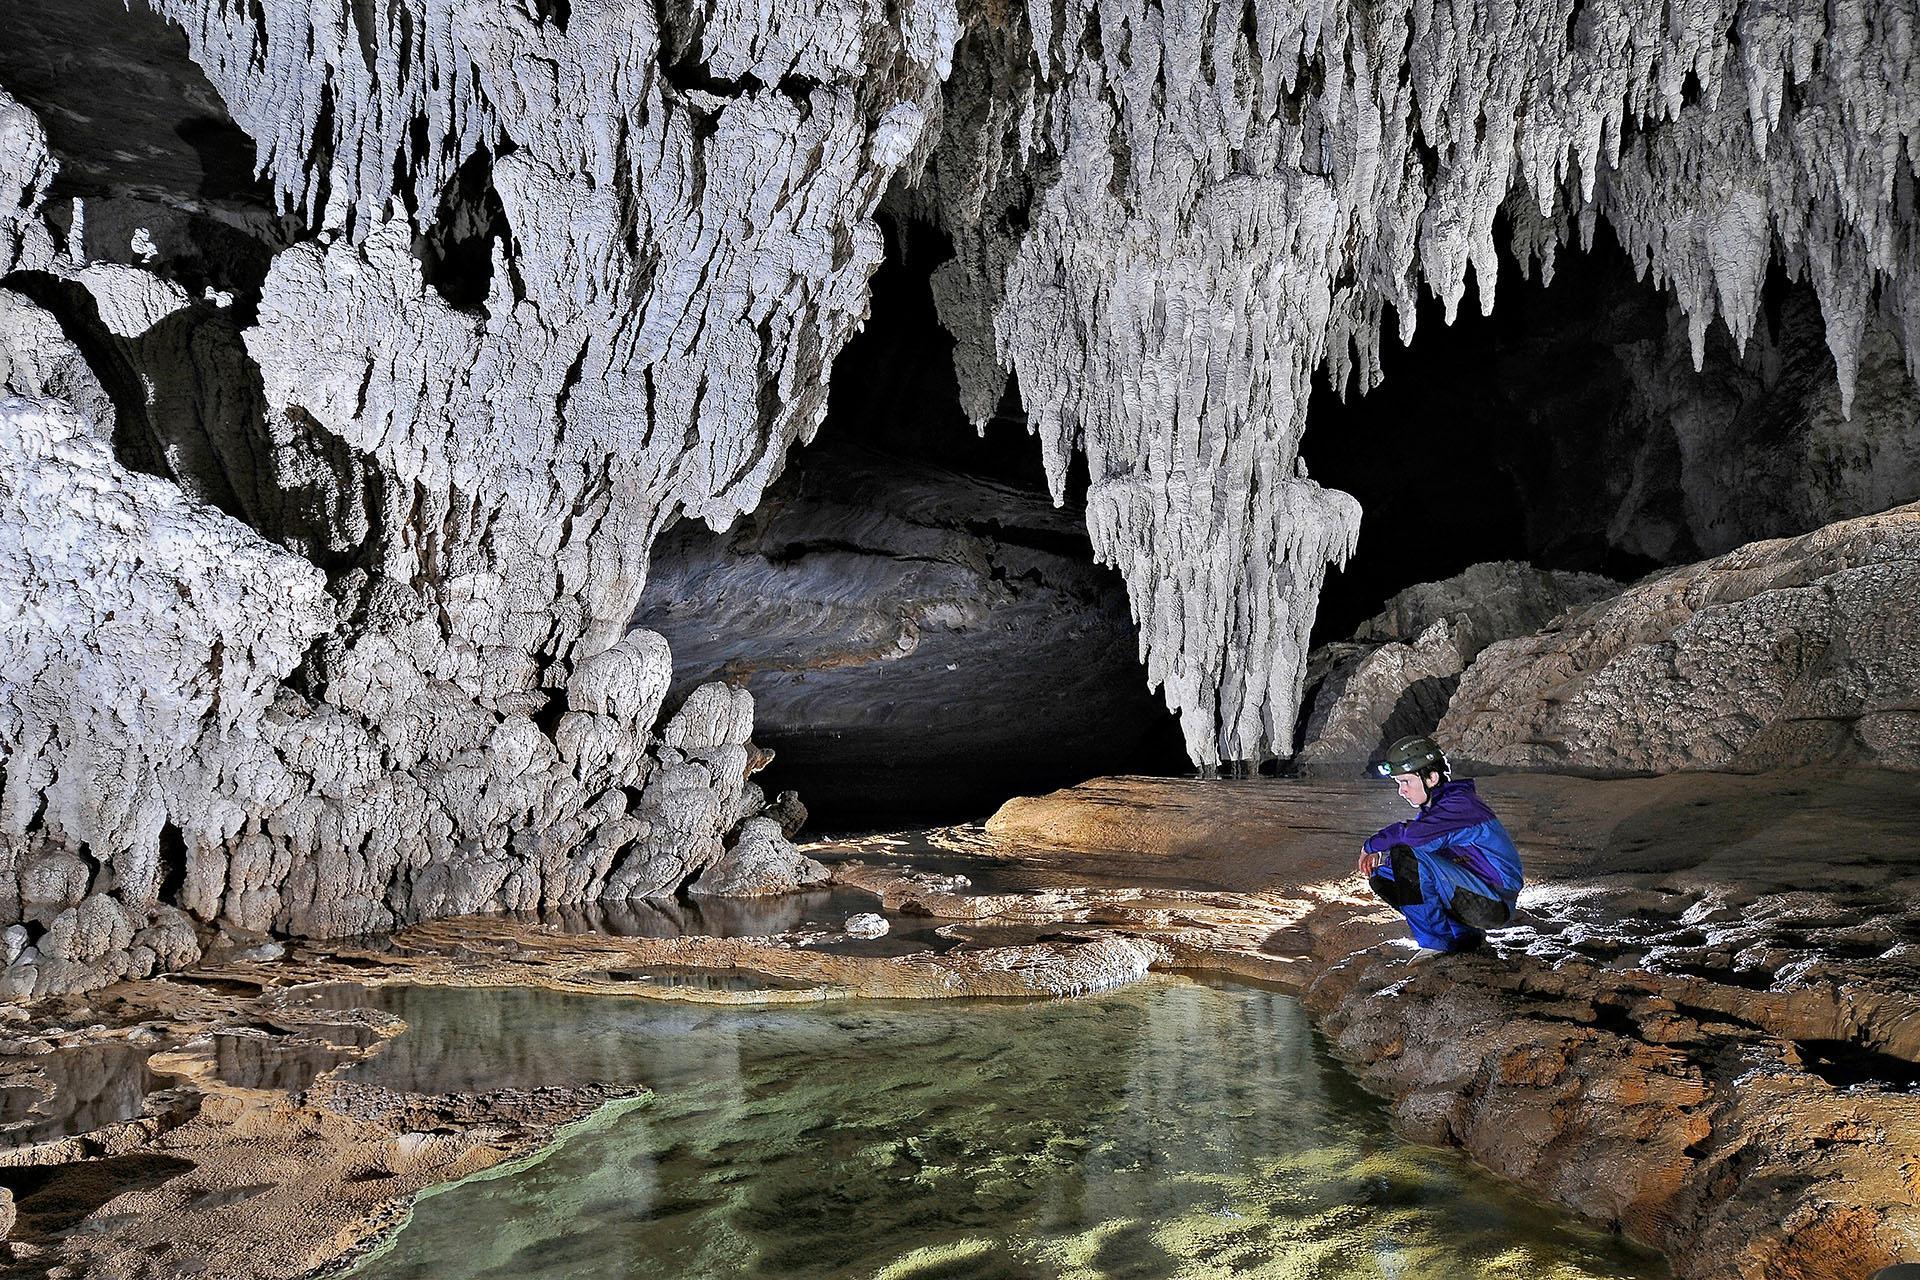 <a href='http://www.gambarini.art.br/produto/cavernas-do-brasil/'><span>Cavernas no Brasil<br /><small>R$ 120.00</small></span><br /><button href='http://www.gambarini.art.br/produto/cavernas-do-brasil/' class='button'>Comprar agora</button></a>